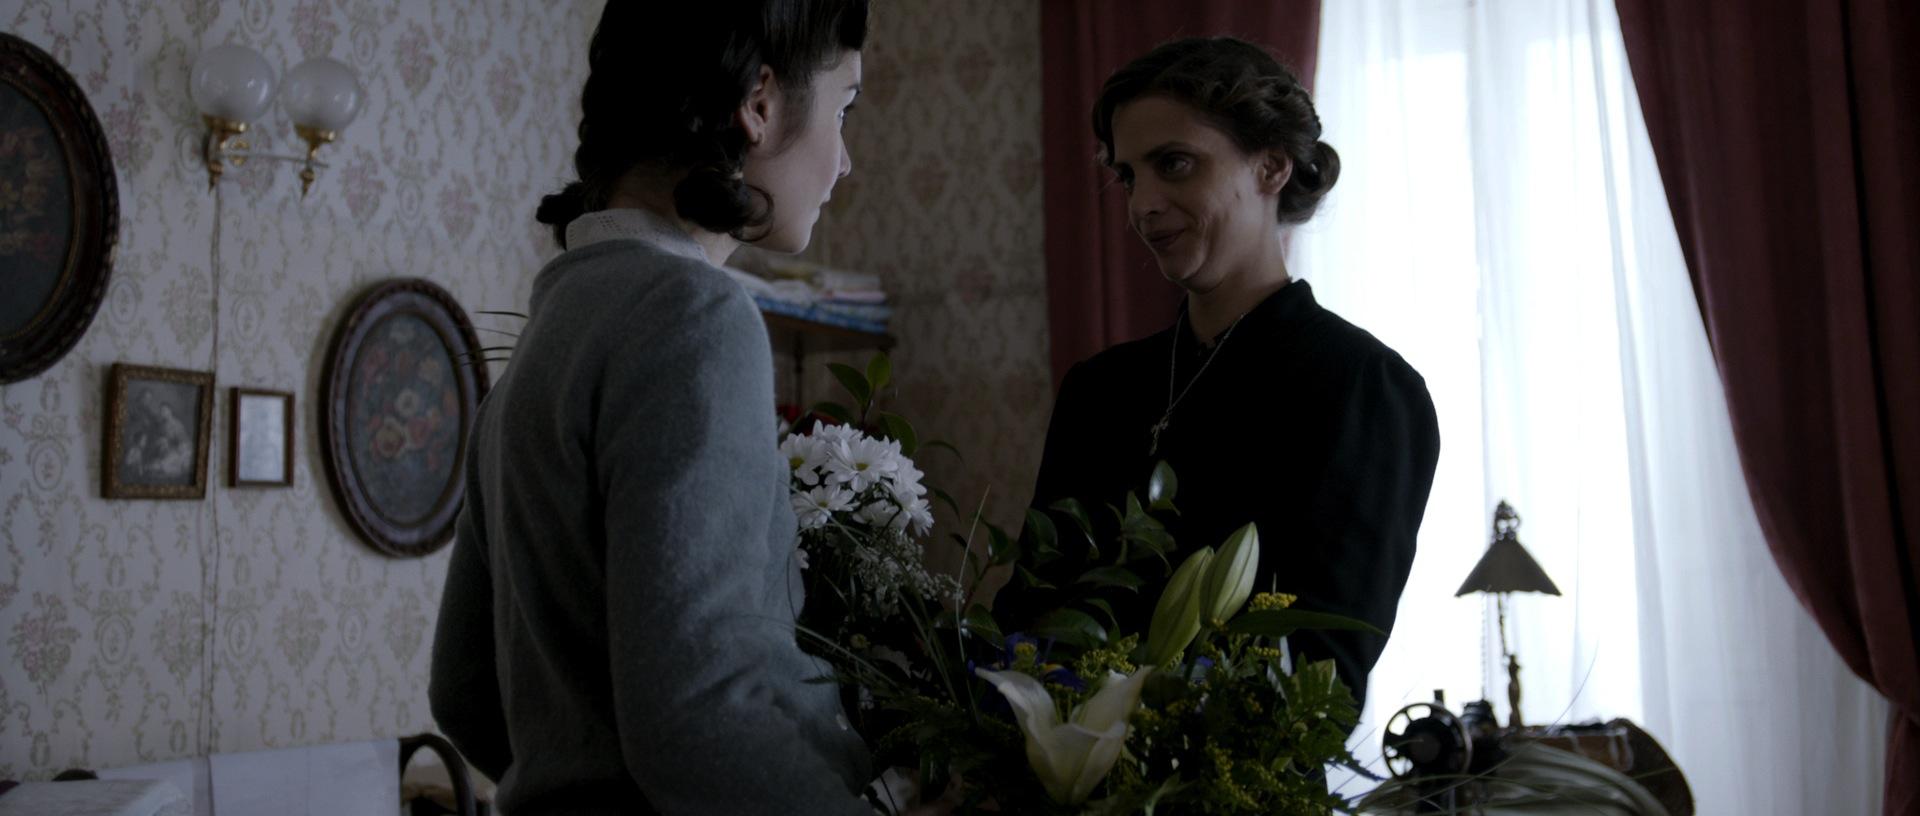 Montse und Ninas trautes Glück steht kurz vor einem Zusammenbruch (Foto: OFDB Filmworks)